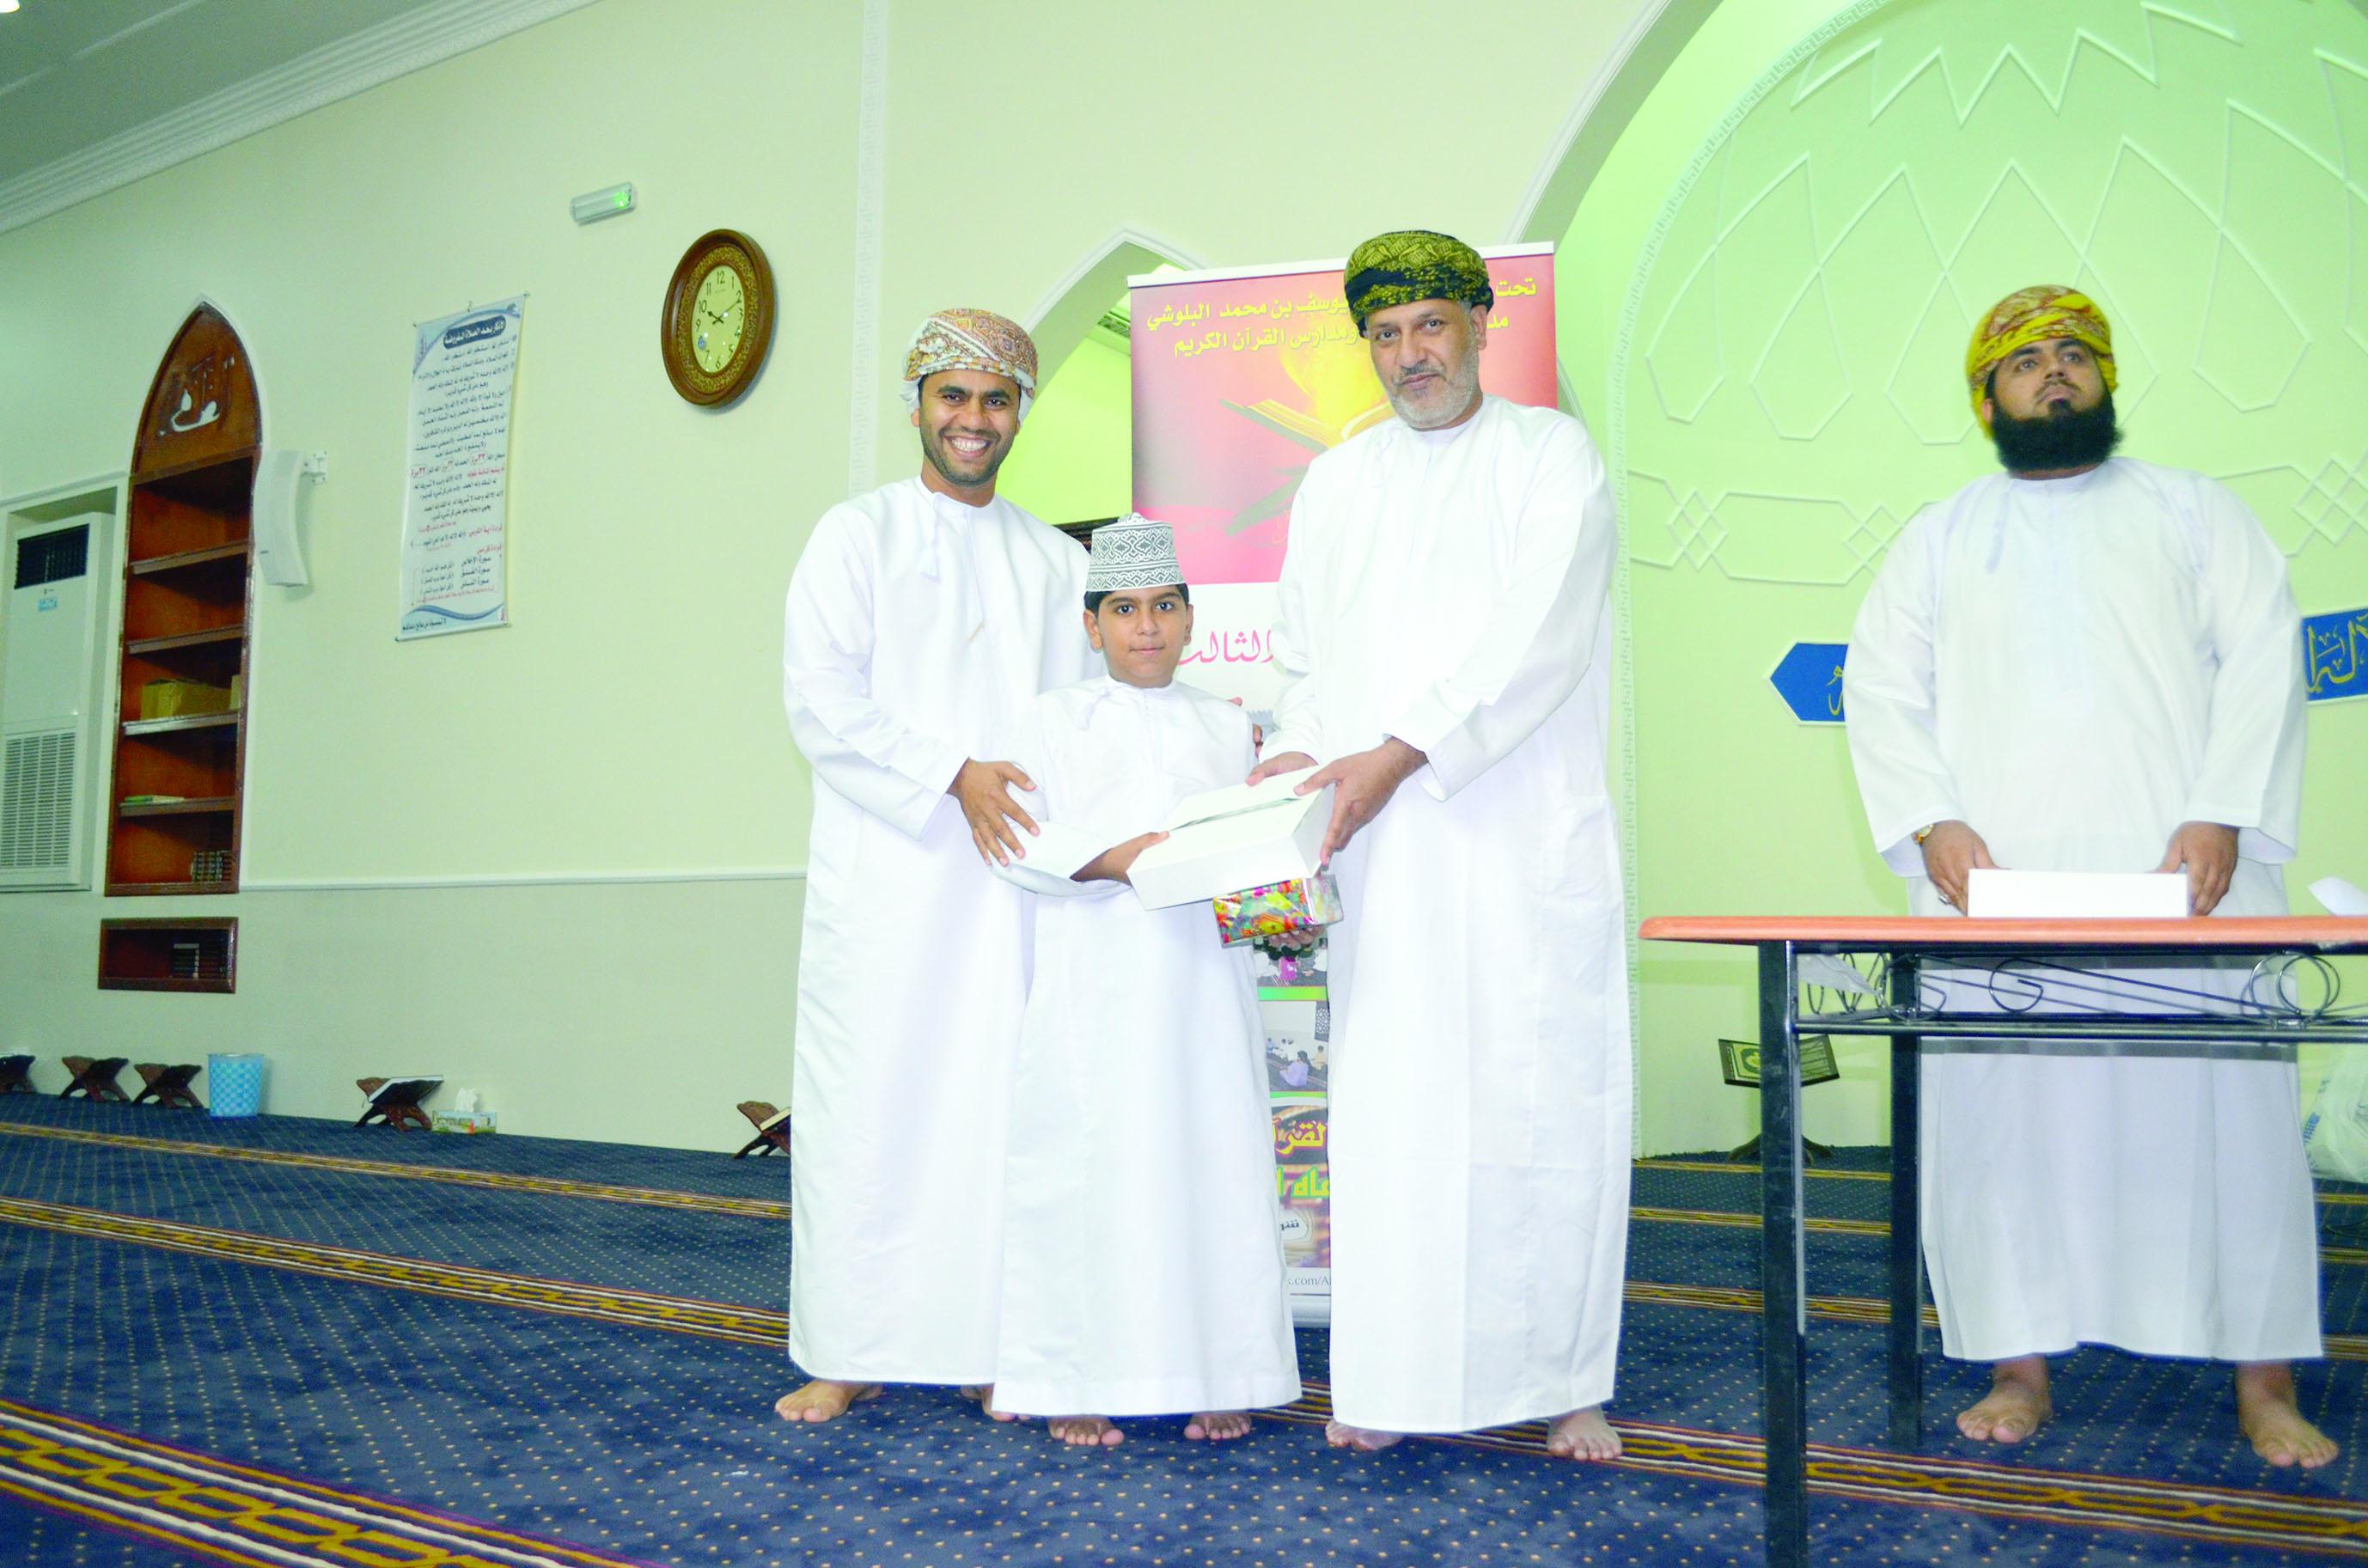 انطلاق المركز الصيفي لتحفيظ القرآن في الشرس بالمصنعة